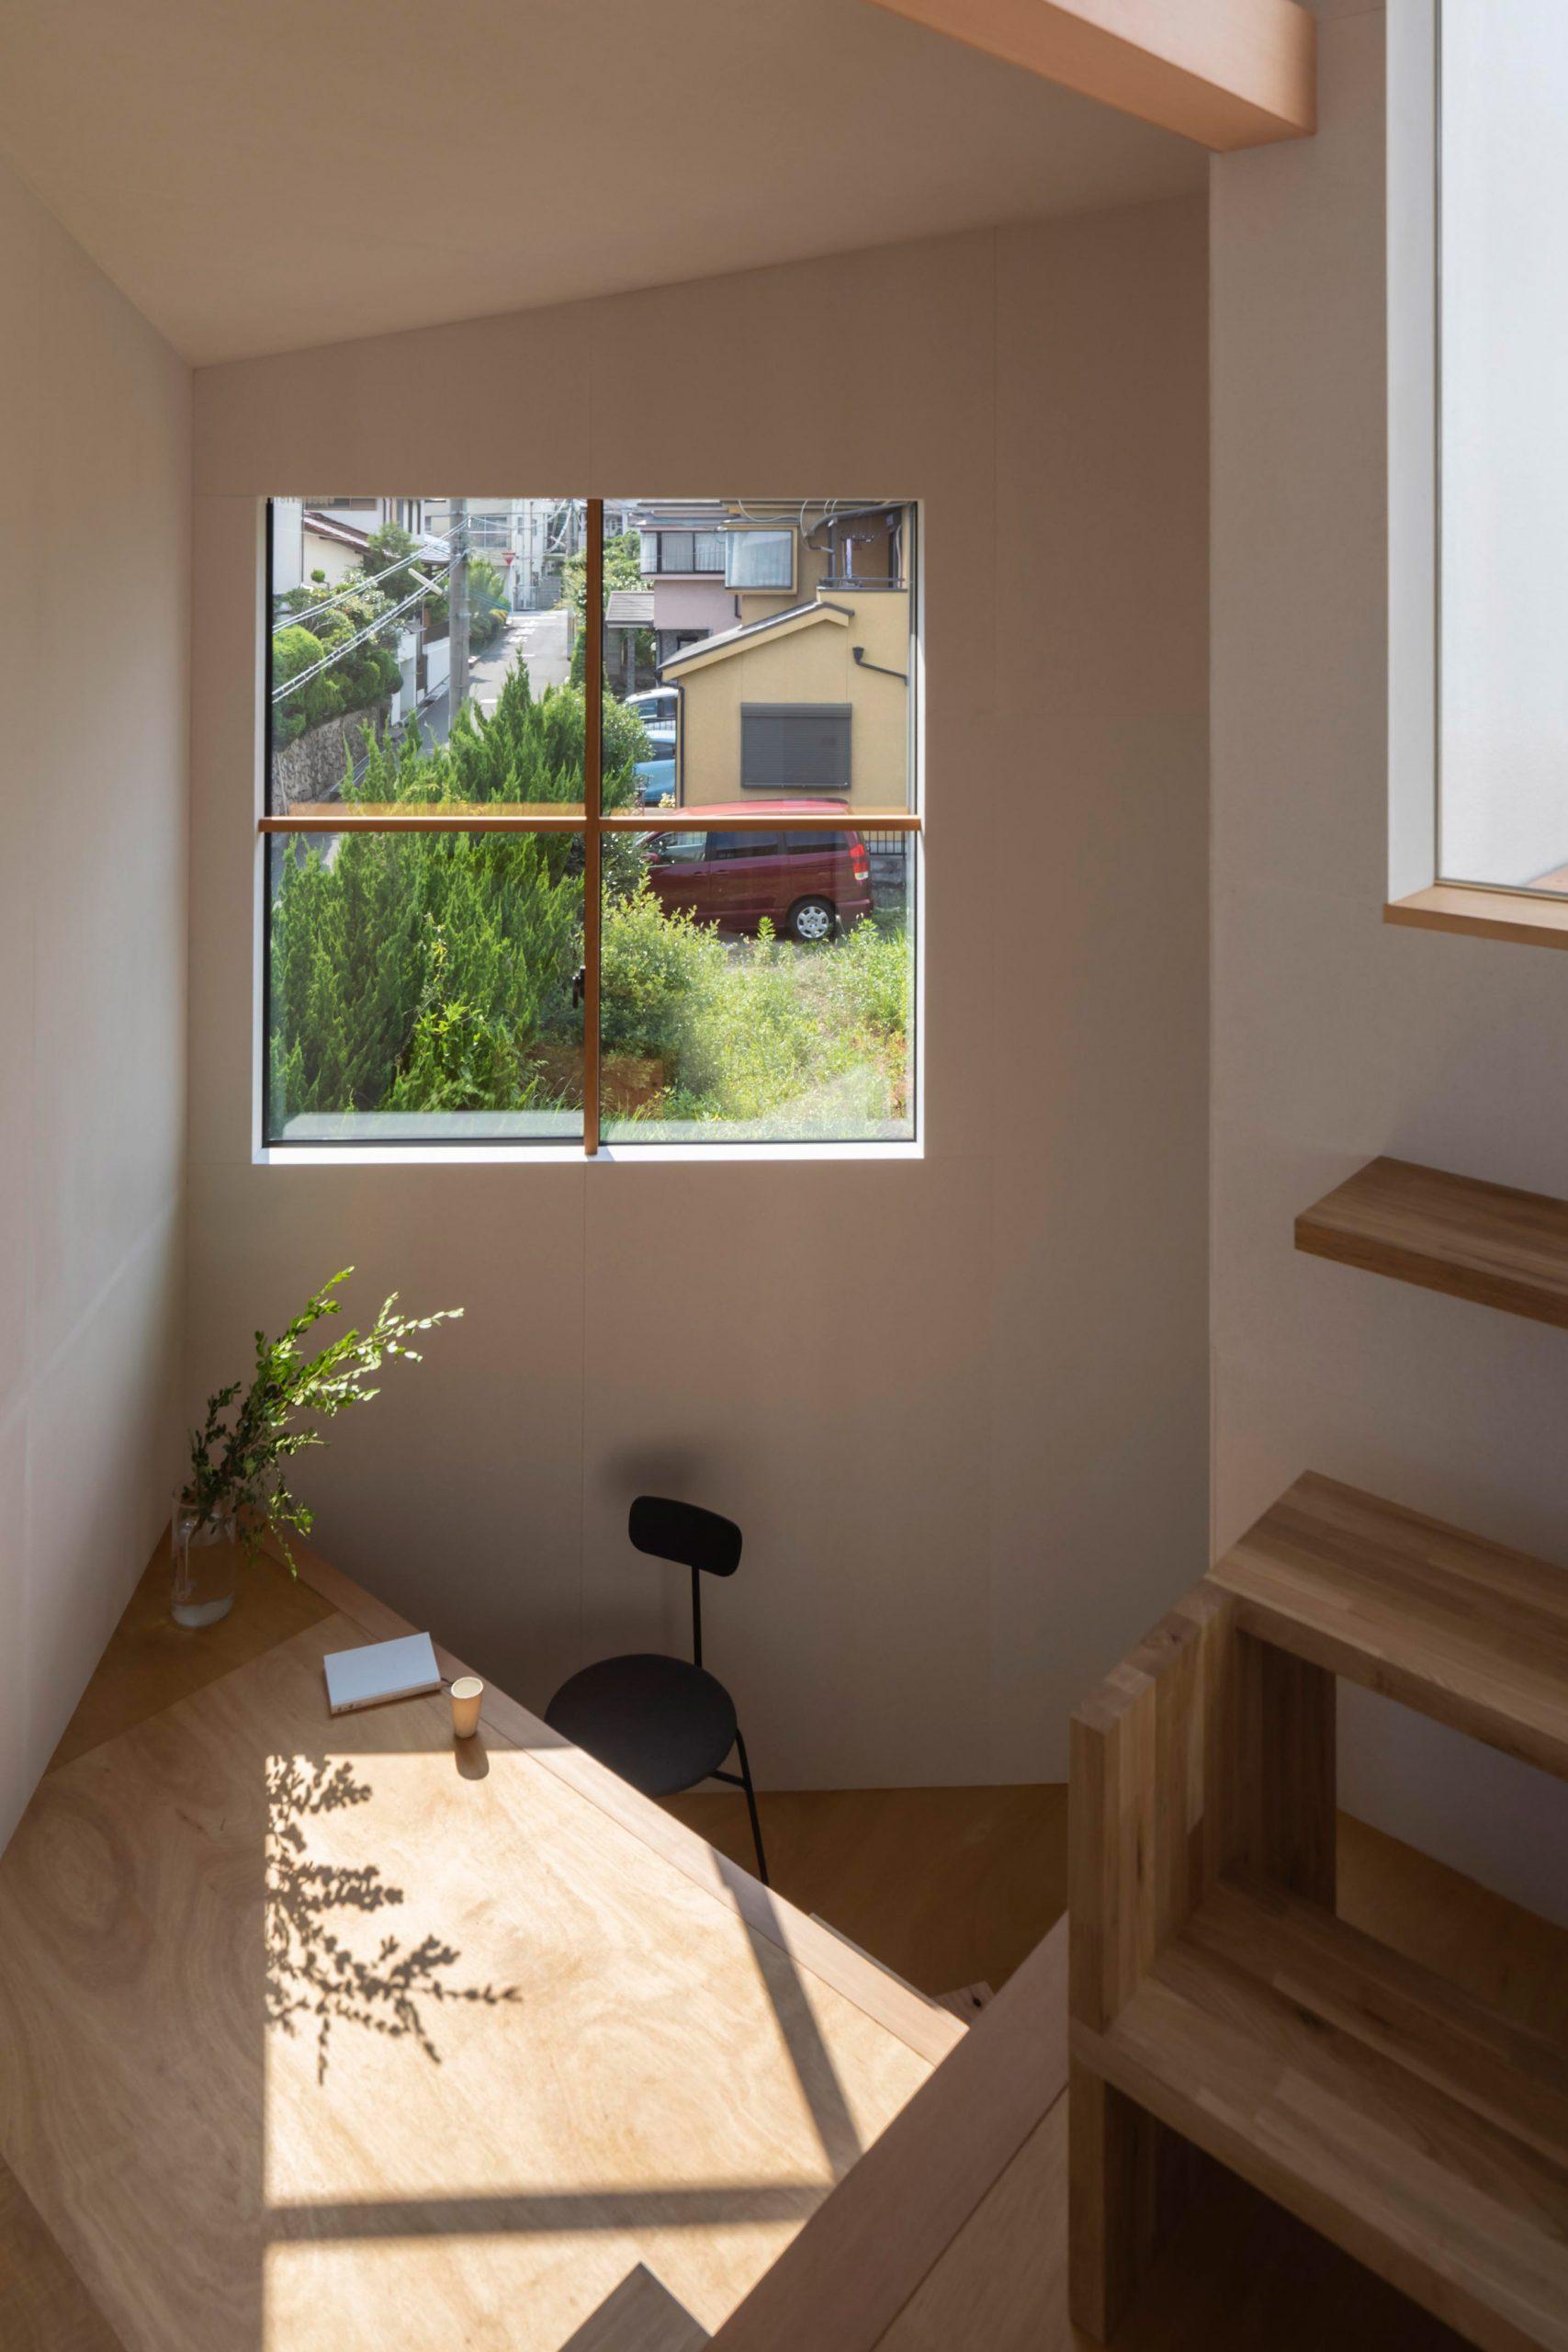 Thiết kế nội thất căn hộ nhỏ 18